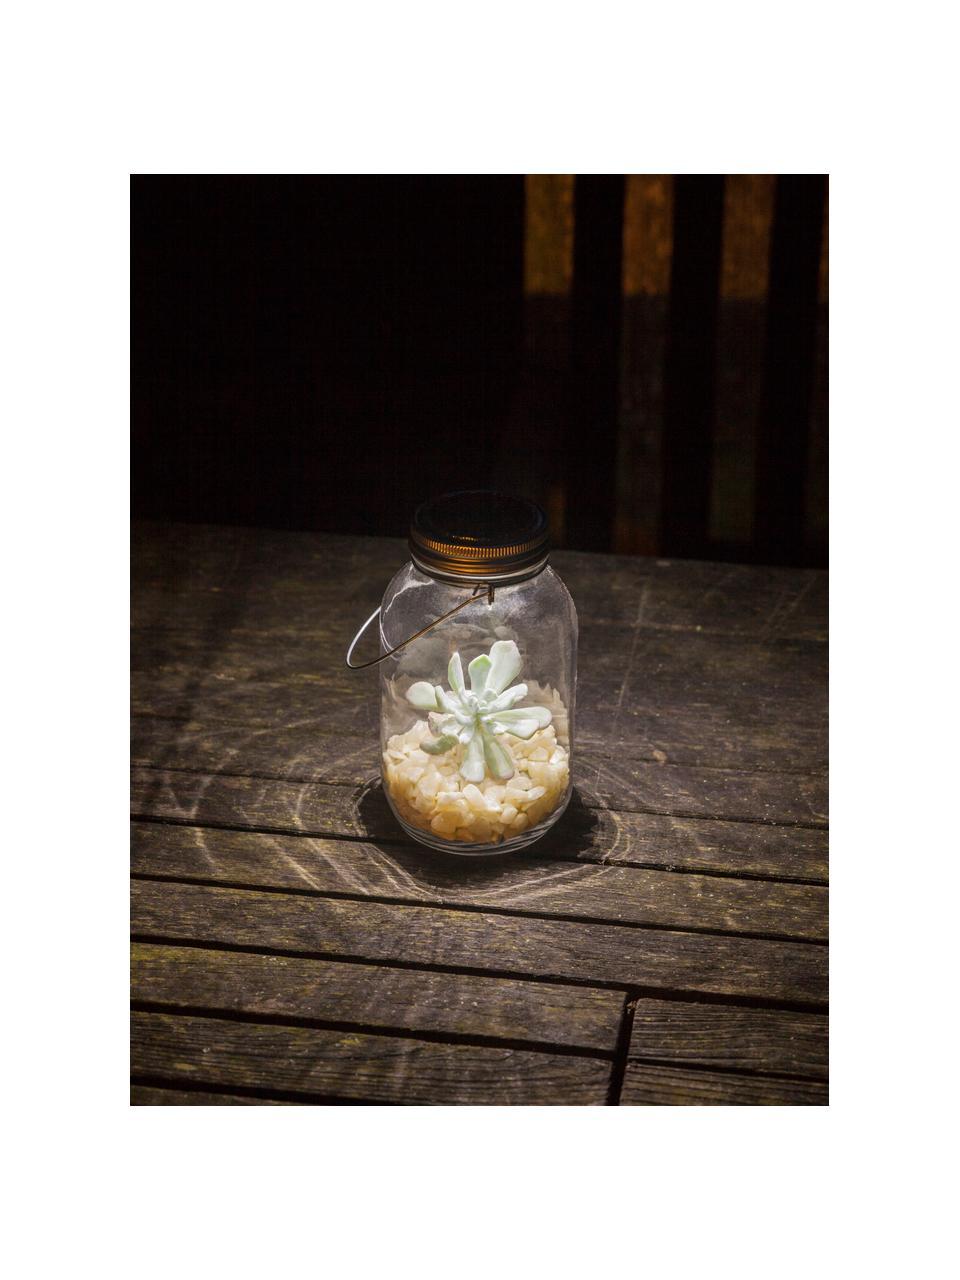 Solar Außenlaterne Bianca, Lampenschirm: Glas,, Deckel: Metall, verzinkt, Griff: Metall, verzinkt, Transparent, Ø 10 x H 18 cm